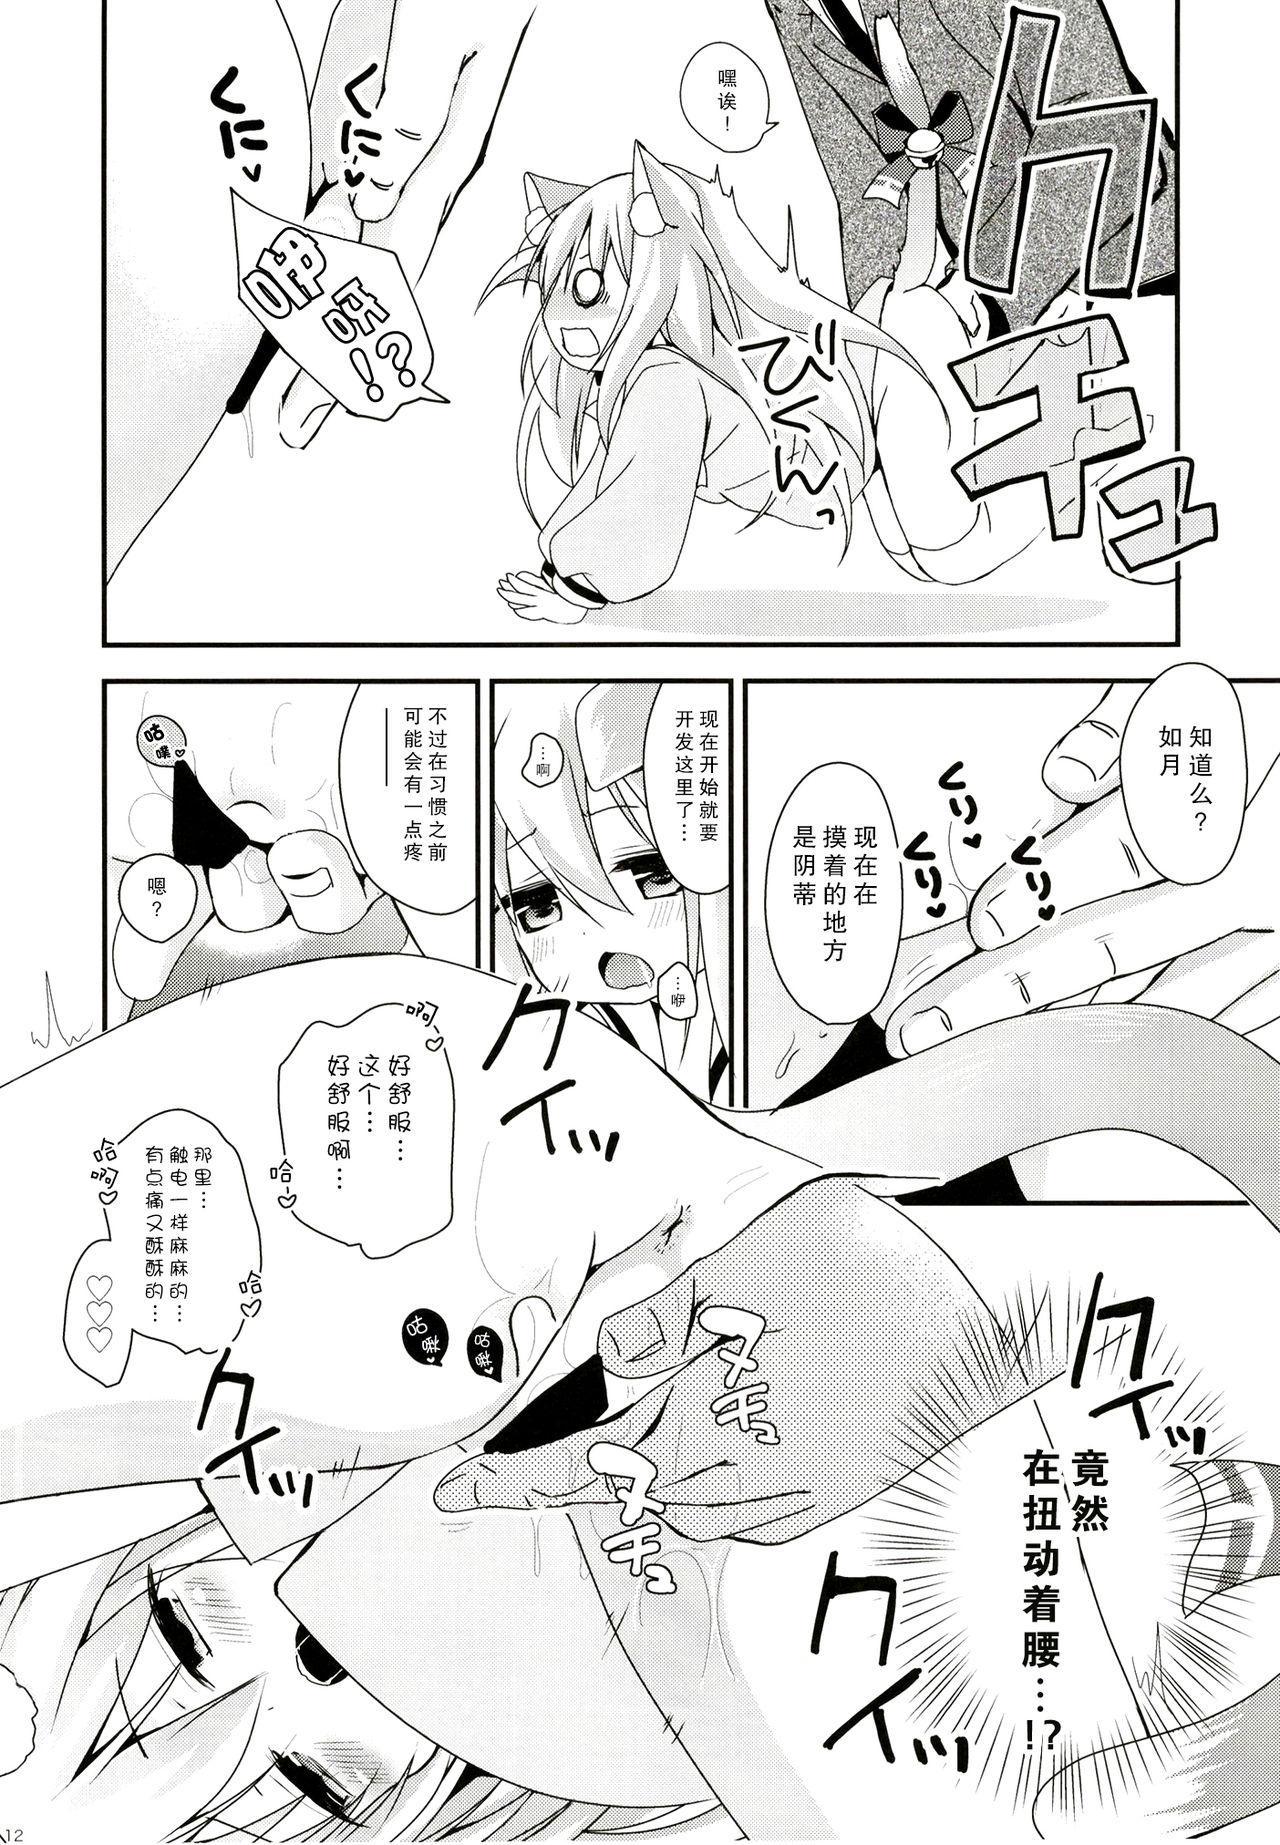 Himitsu no Echi Echi Daikaishuu 14